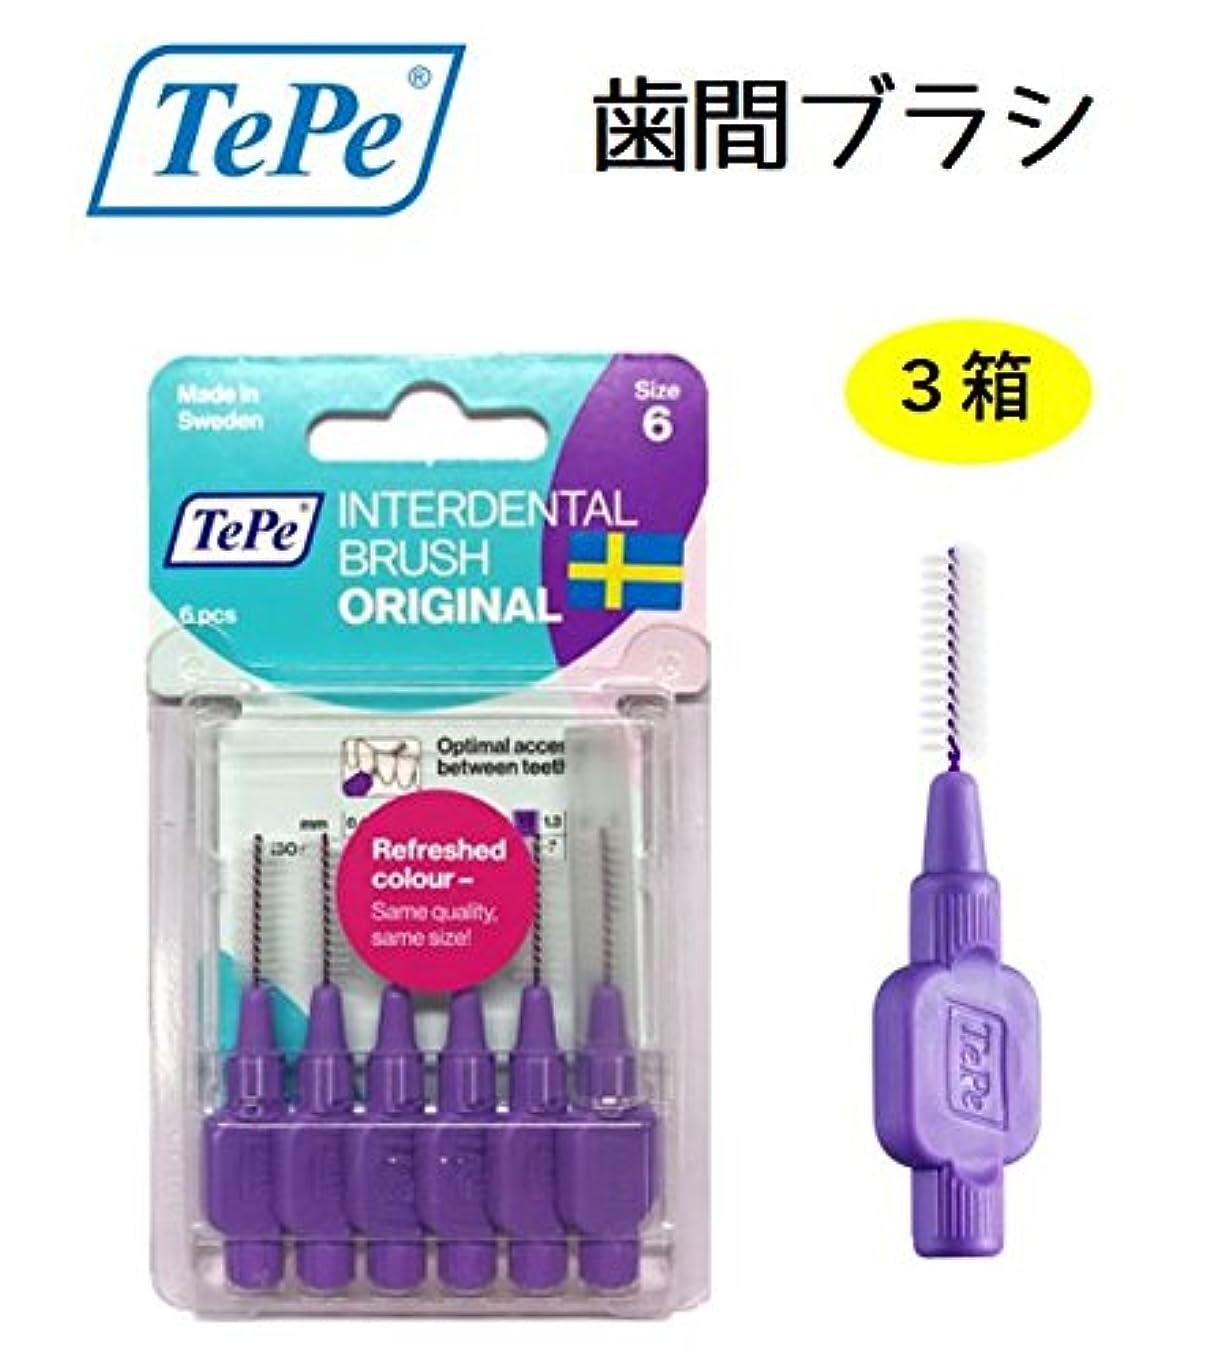 とても多くの前投薬波テペ 歯間プラシ 1.1mm ブリスターパック 3パック TePe IDブラシ